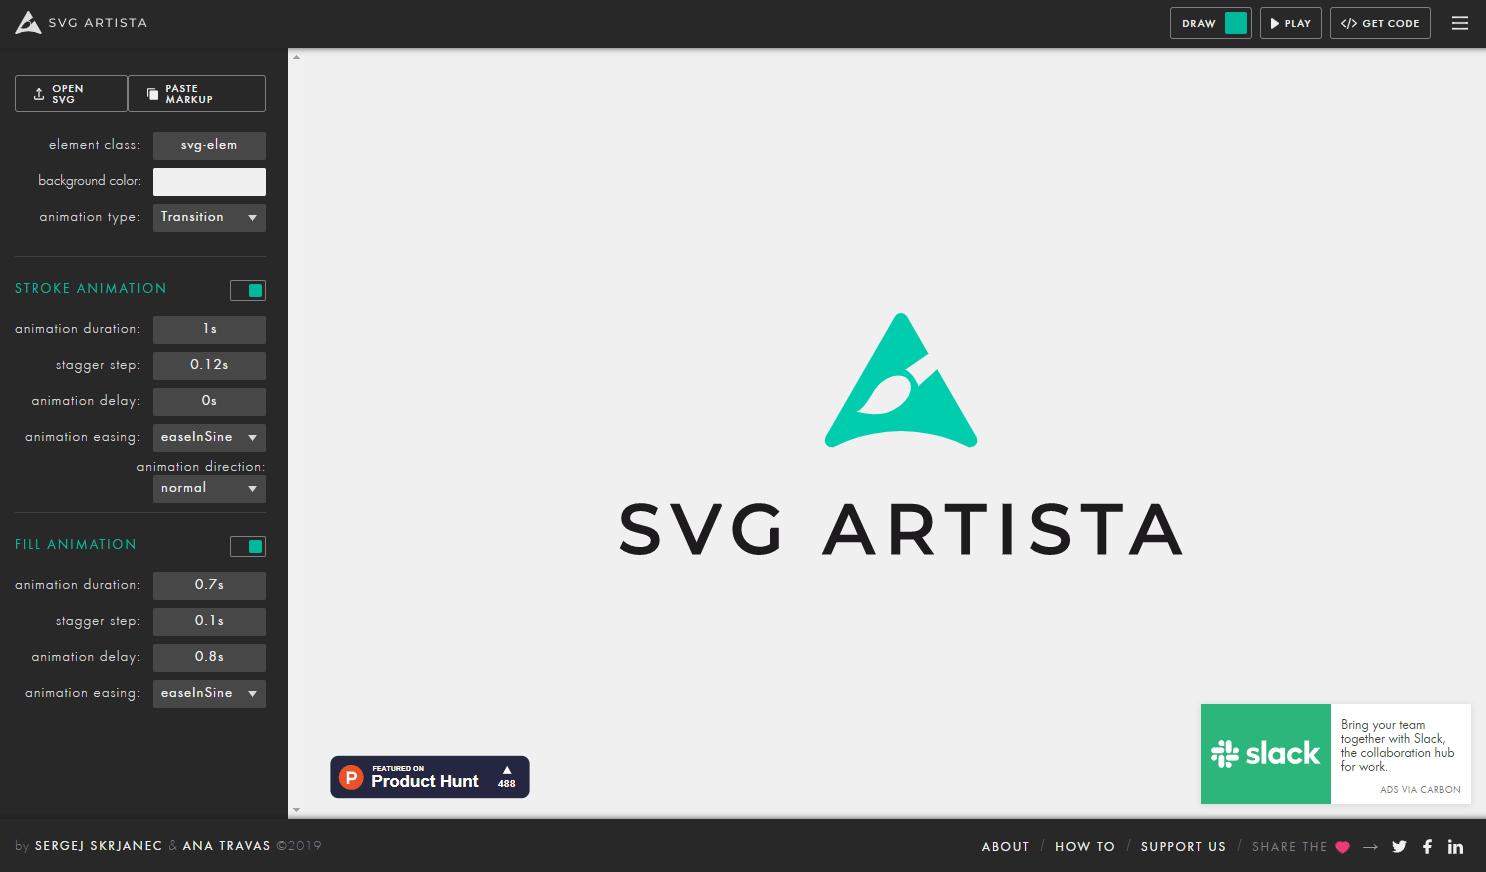 プレビューを見ながらSVGのアニメーションを作成できるWEBサービス「SVG Artista」